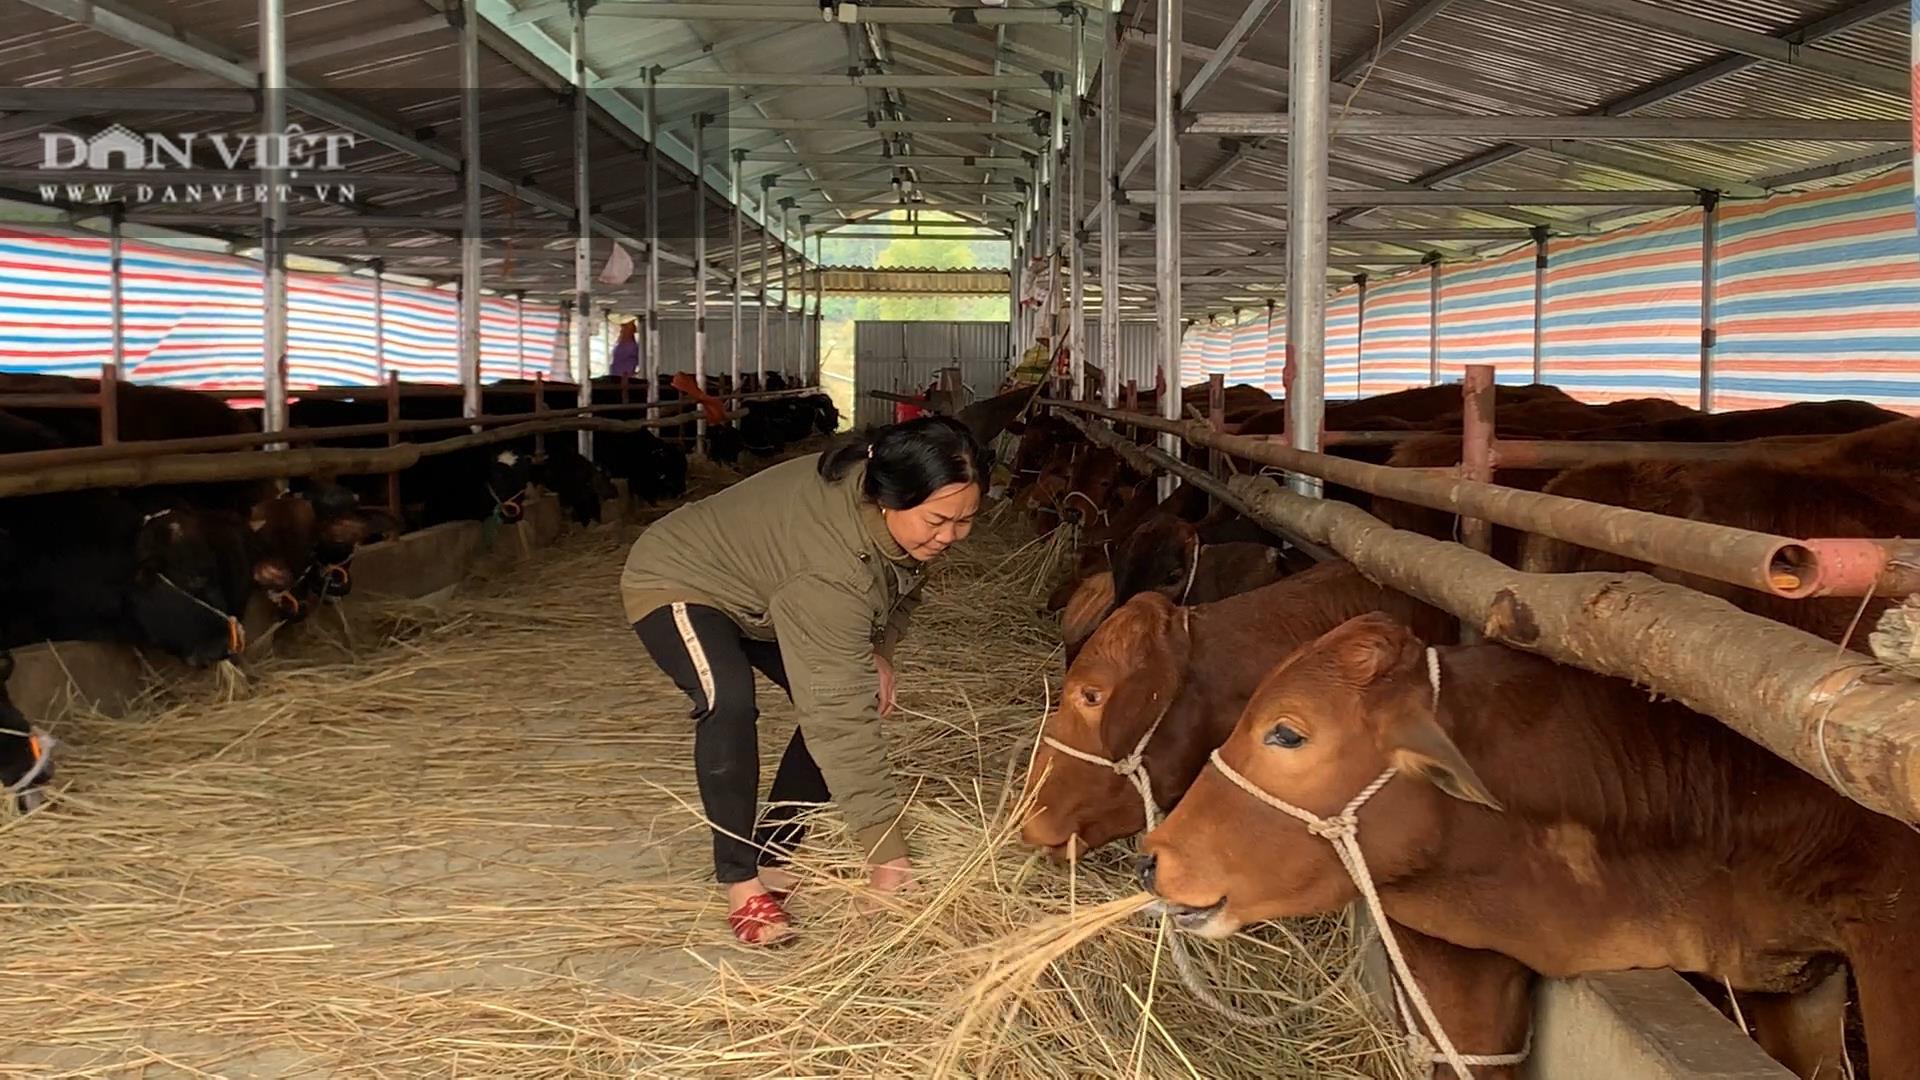 Bắc Kạn: Thu vài tỷ đồng mỗi năm từ nấu rượu, nuôi lợn, nuôi bò - Ảnh 2.